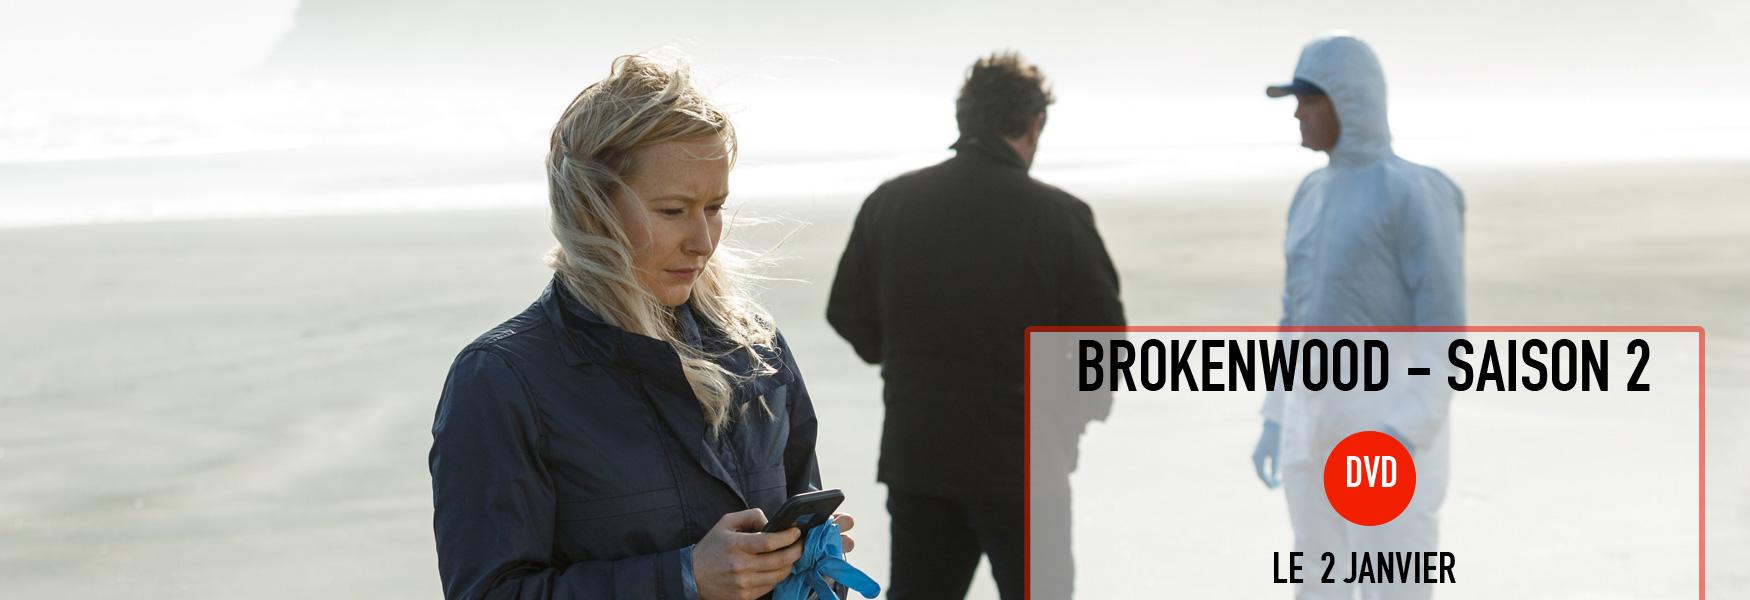 brokenwood saison 4